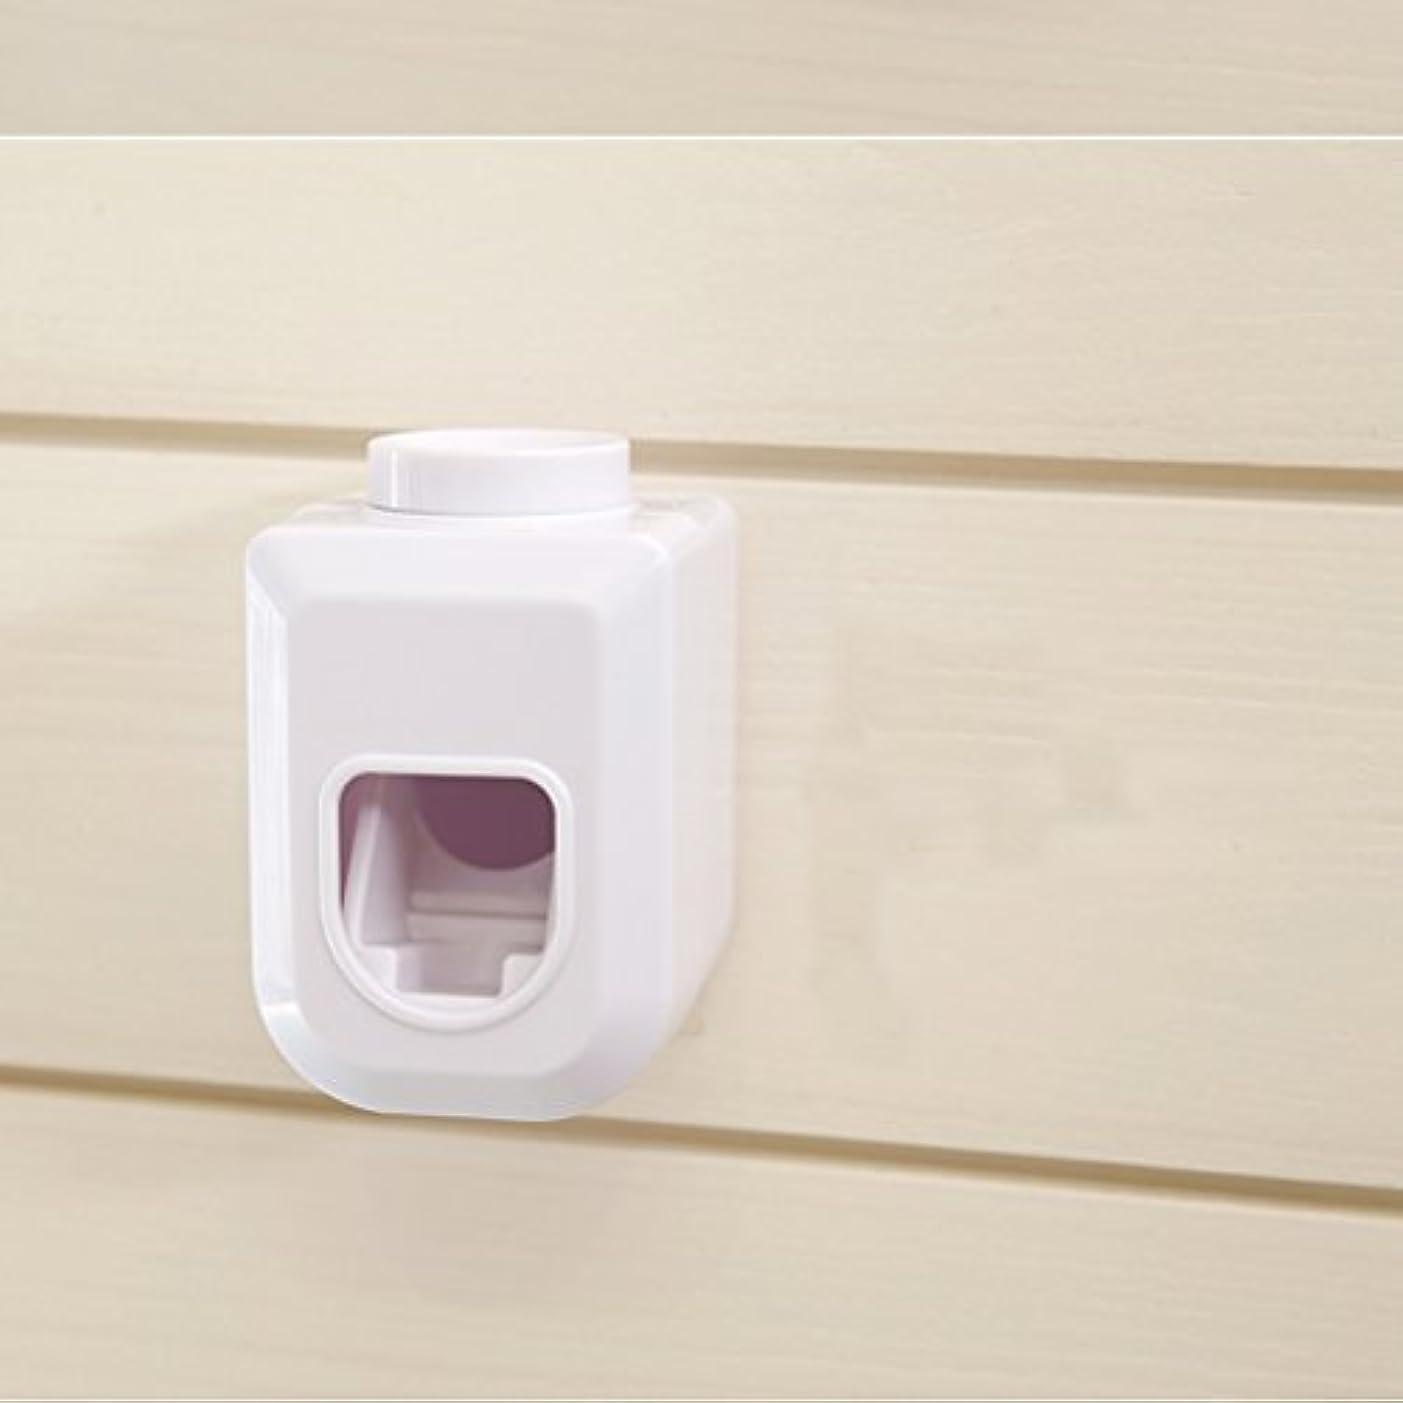 少ない生まれ小間BESTOMZ ハンズフリー歯磨き粉スクイーザー, ウォールマウント自動防塵練り歯磨き粉ディスペンサー白